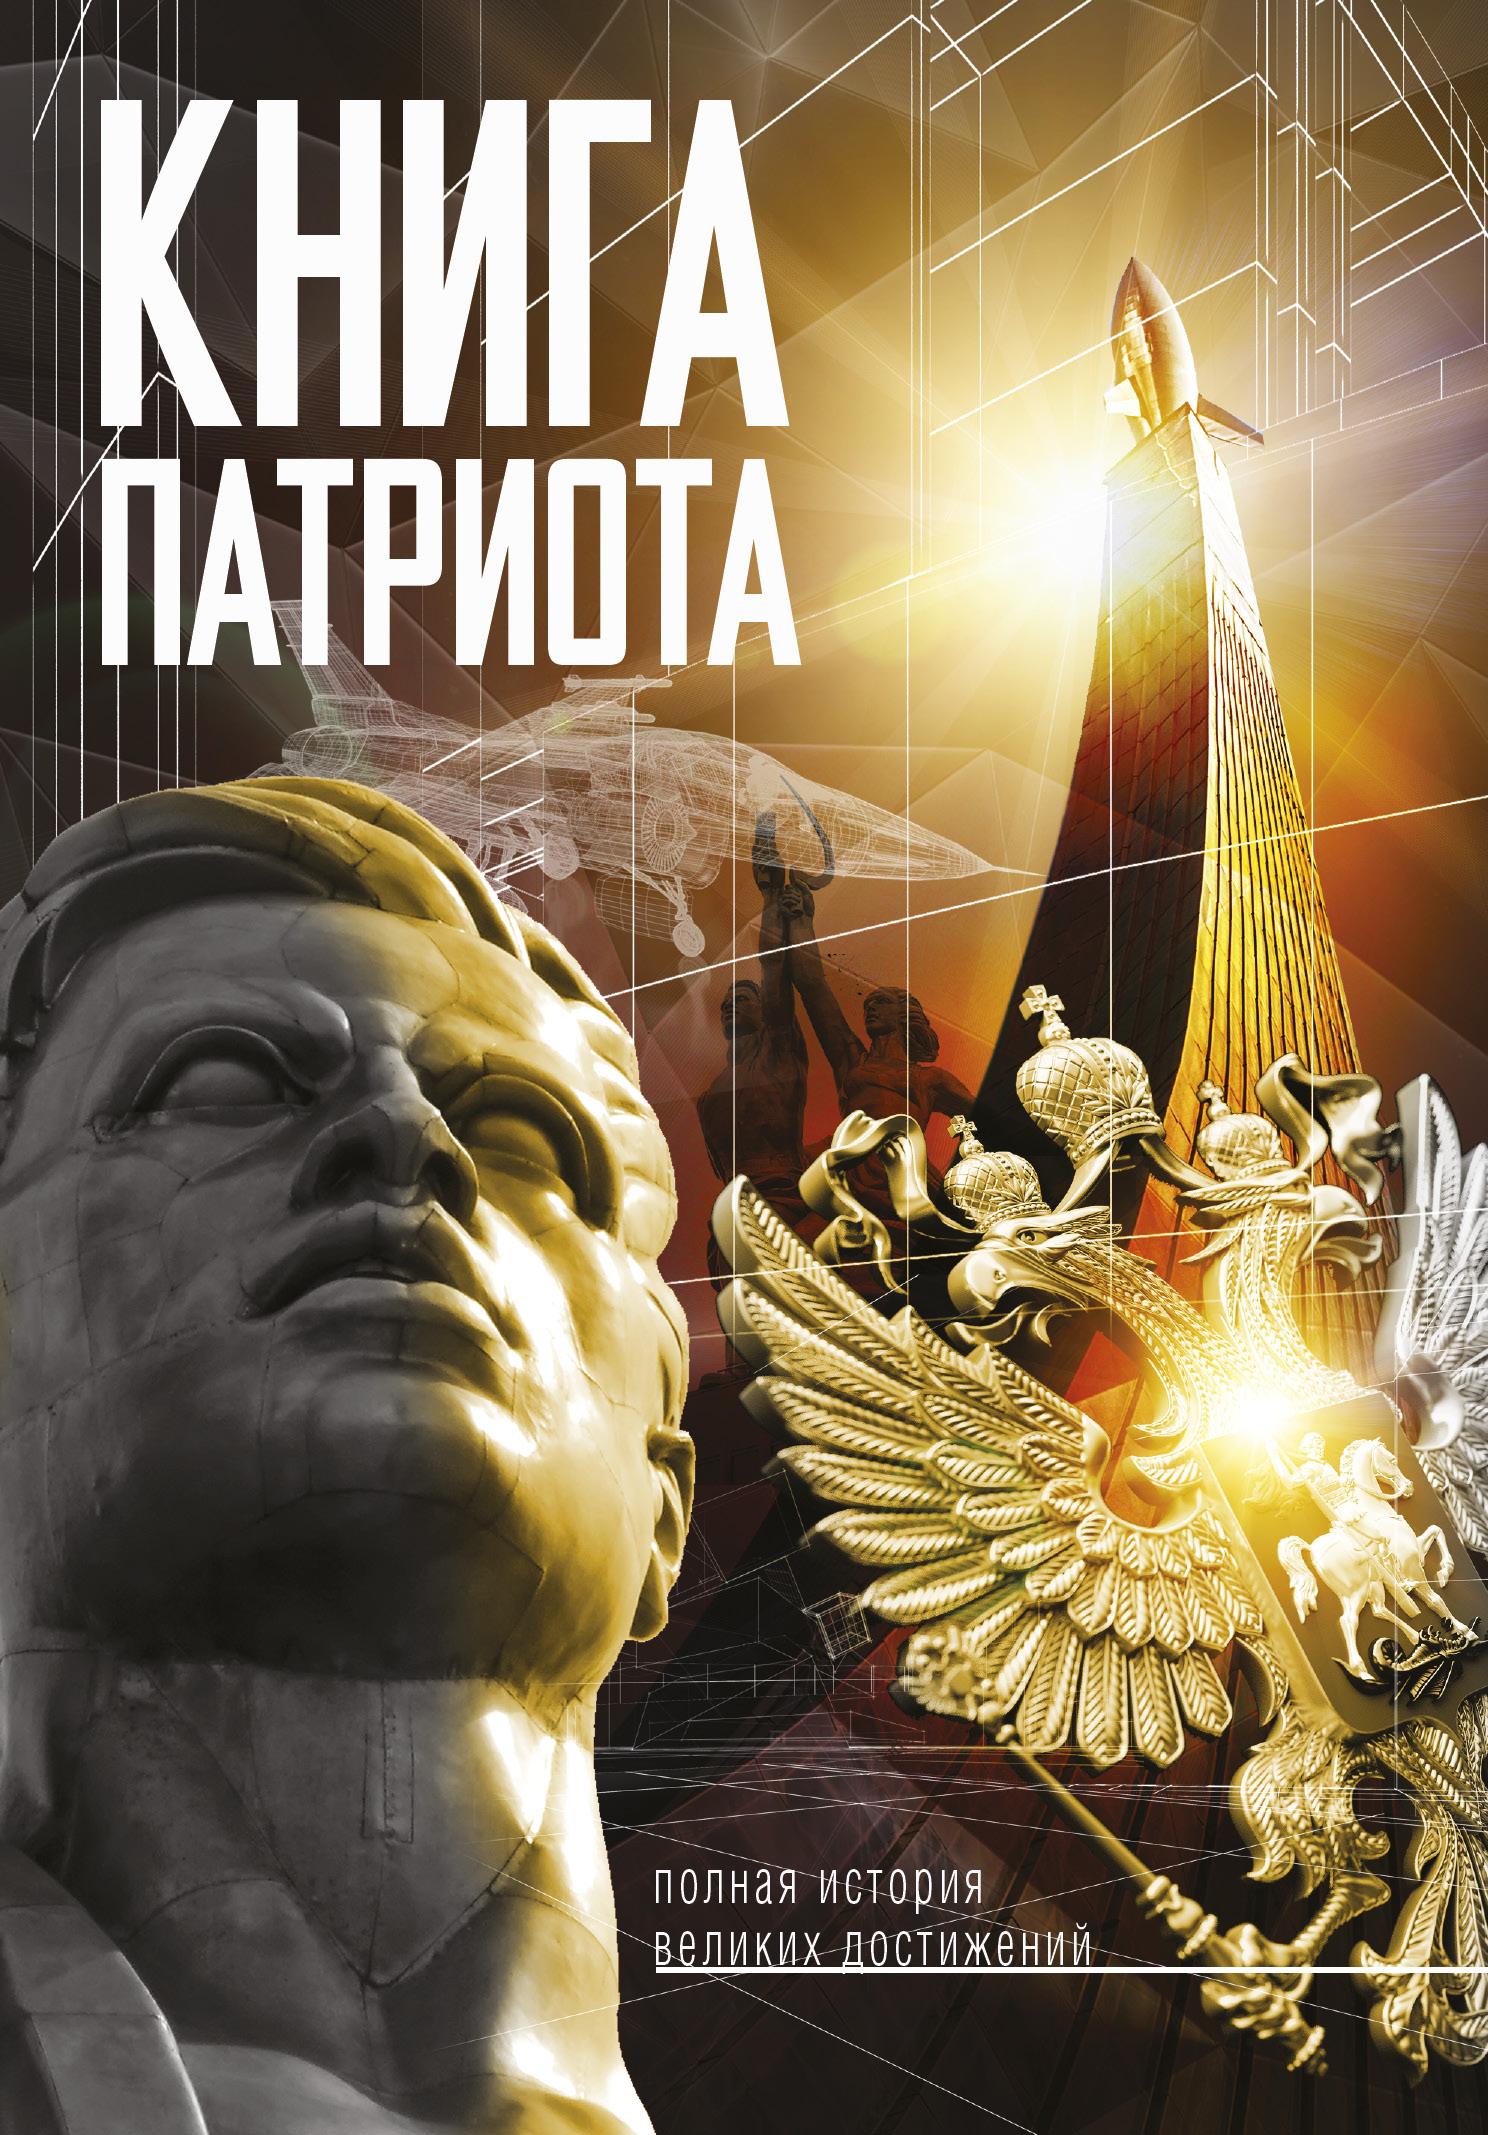 Нечаев С.Ю. Книга патриота